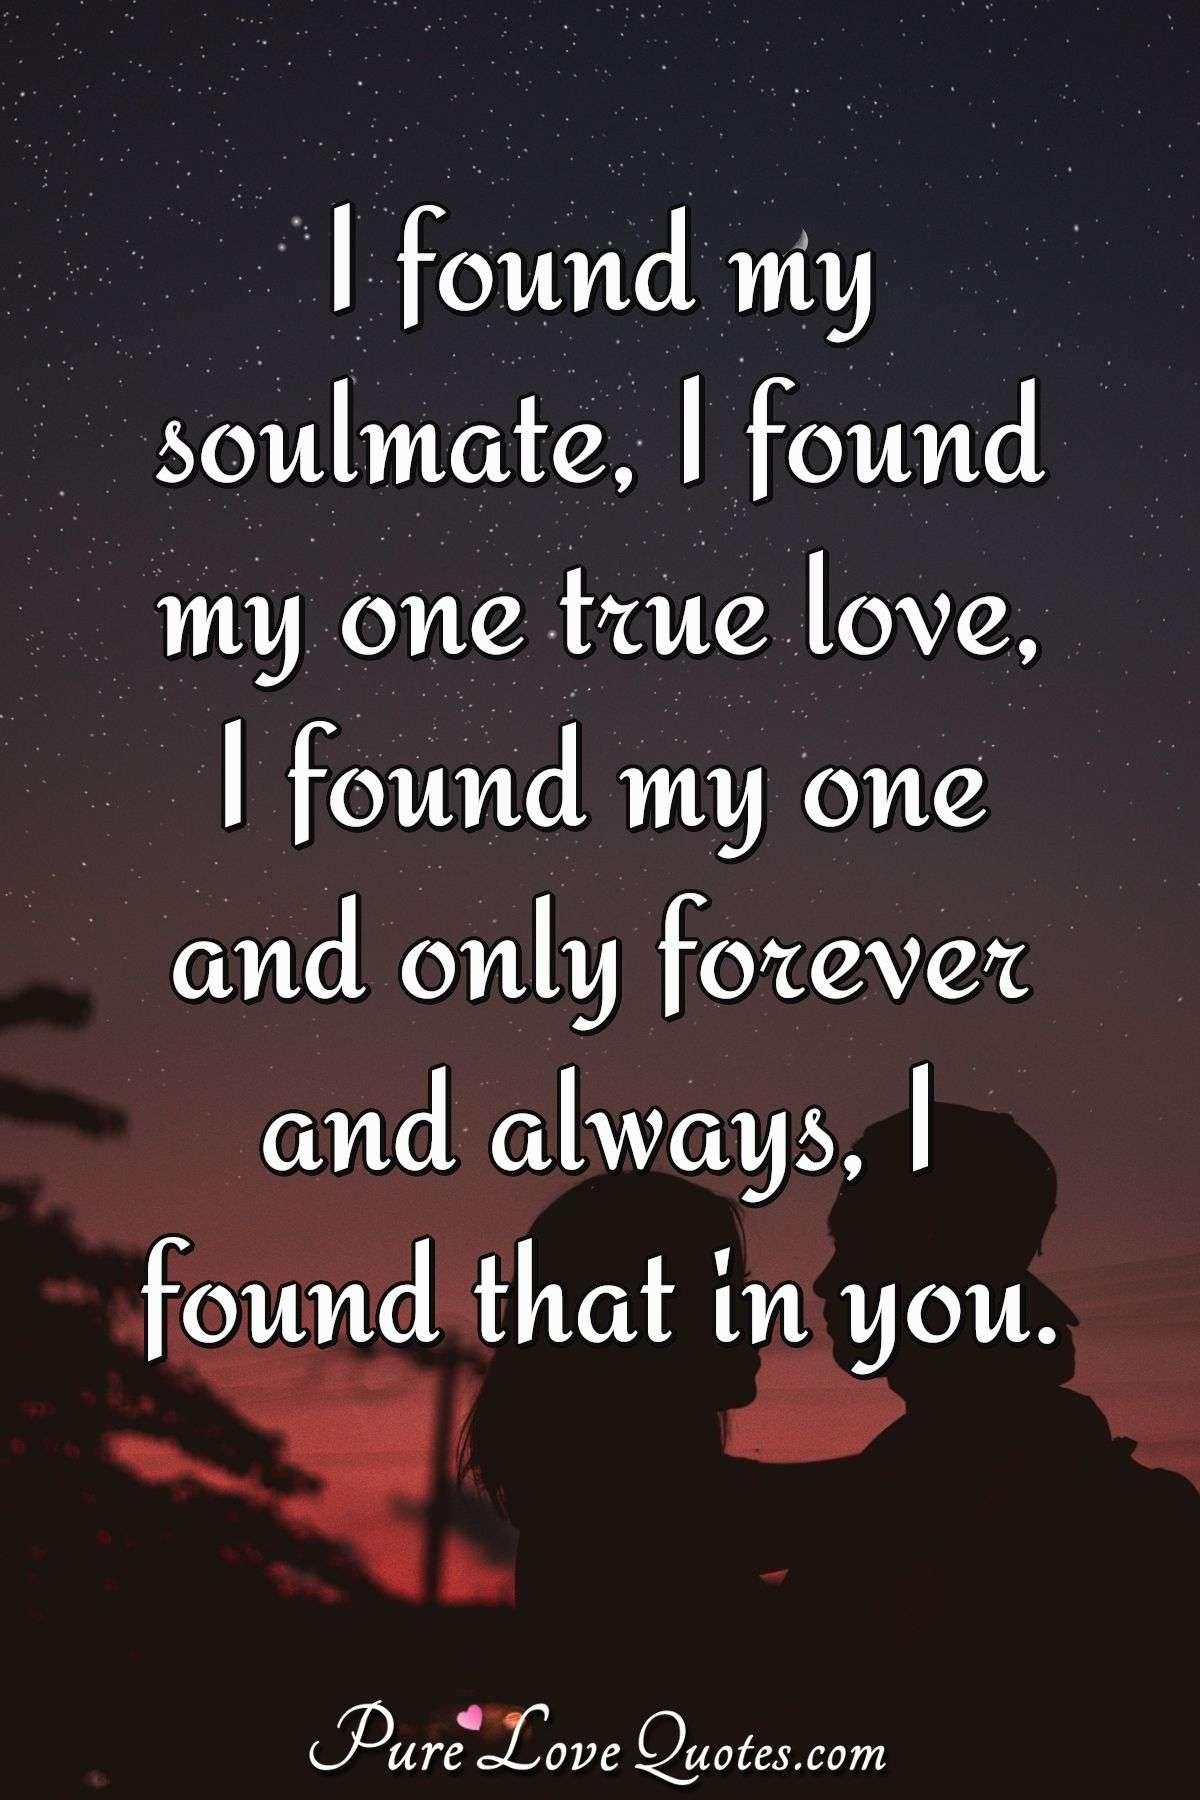 I found my soulmate, I found my one true love, I found my